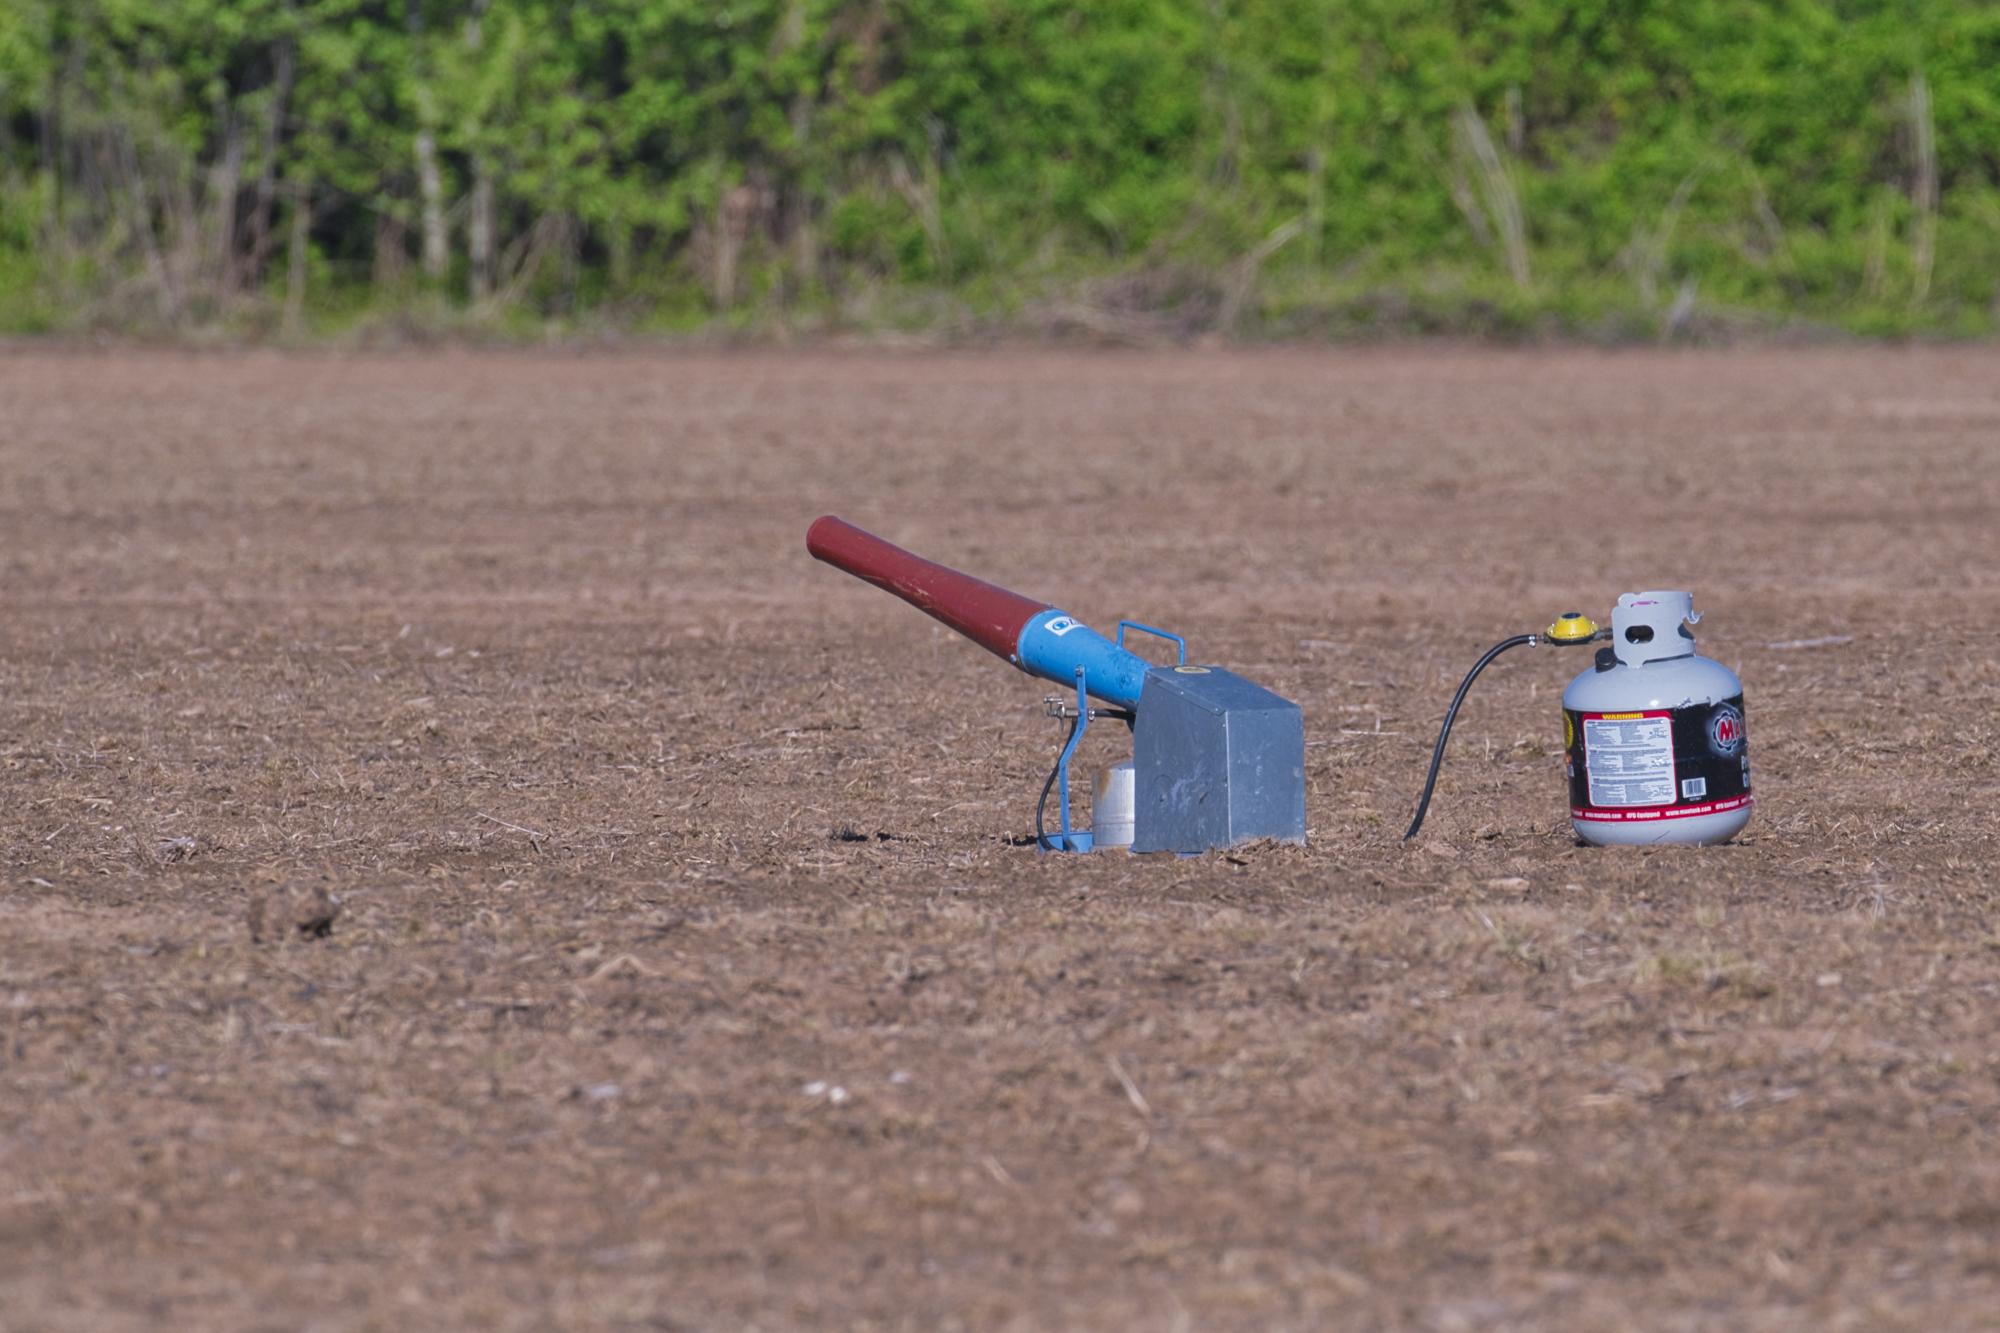 Propane Cannon - Sequoyah National Wildlife Refuge - Oklahoma